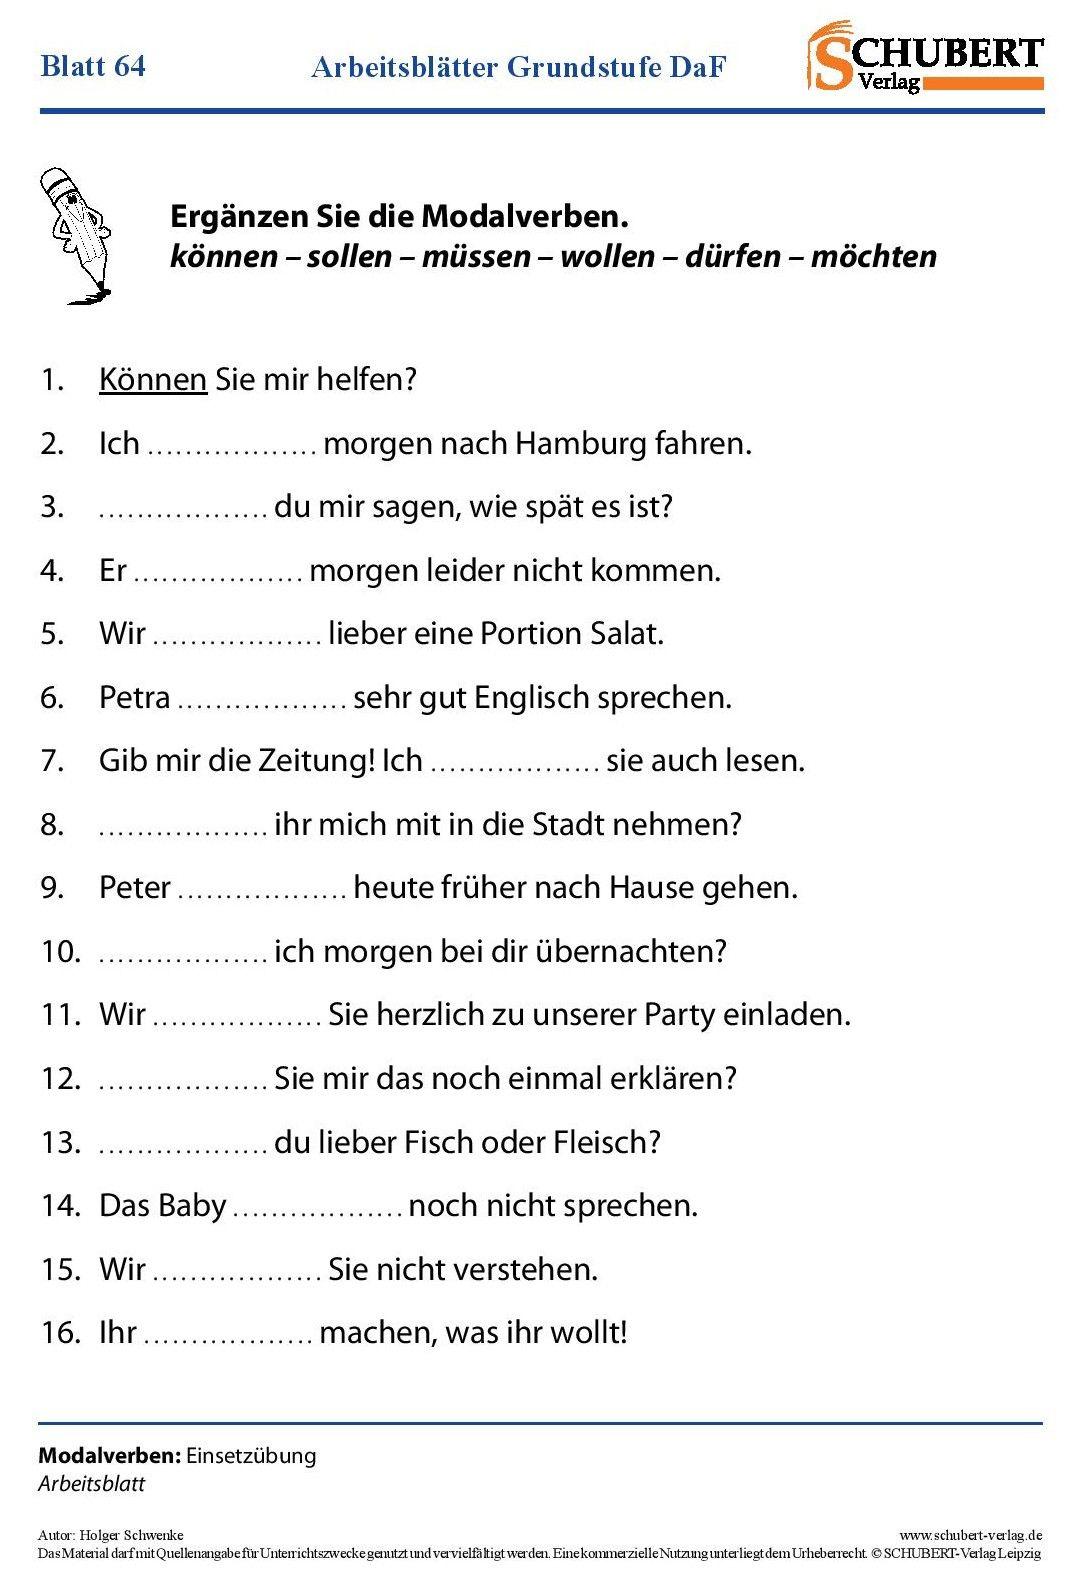 Modalverben | Niemiecki | Pinterest | Modalverben, Deutsch und ...